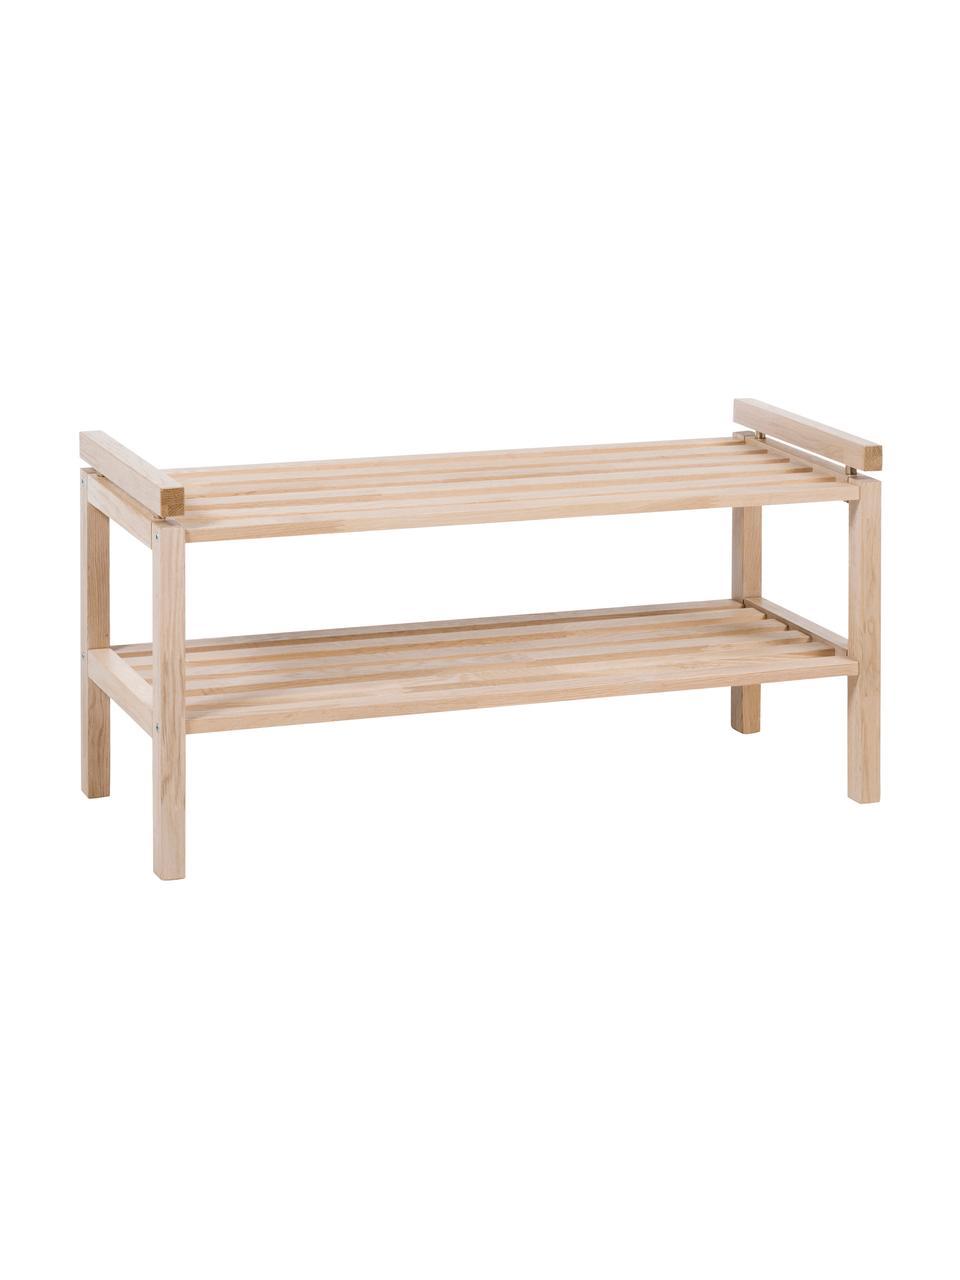 Półka na buty z drewna Confetti, Drewno dębowe, lite, lakierowane, Drewno dębowe, bielone, S 80 x W 40 cm